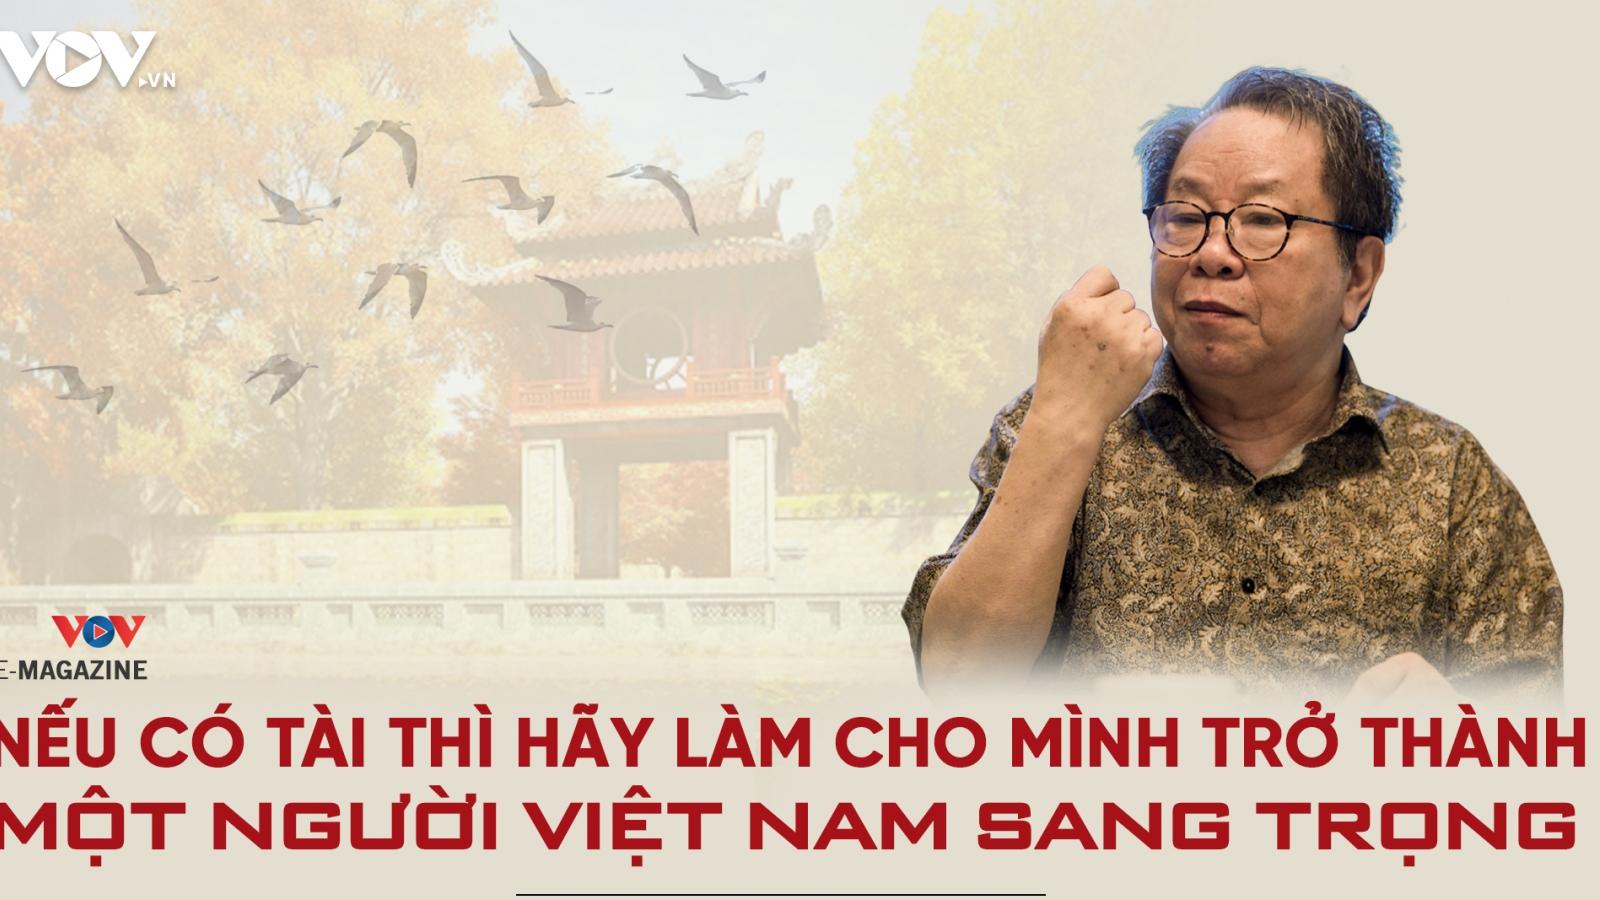 Nếu có tài thì hãy làm cho mình trở thành một người Việt Nam sang trọng